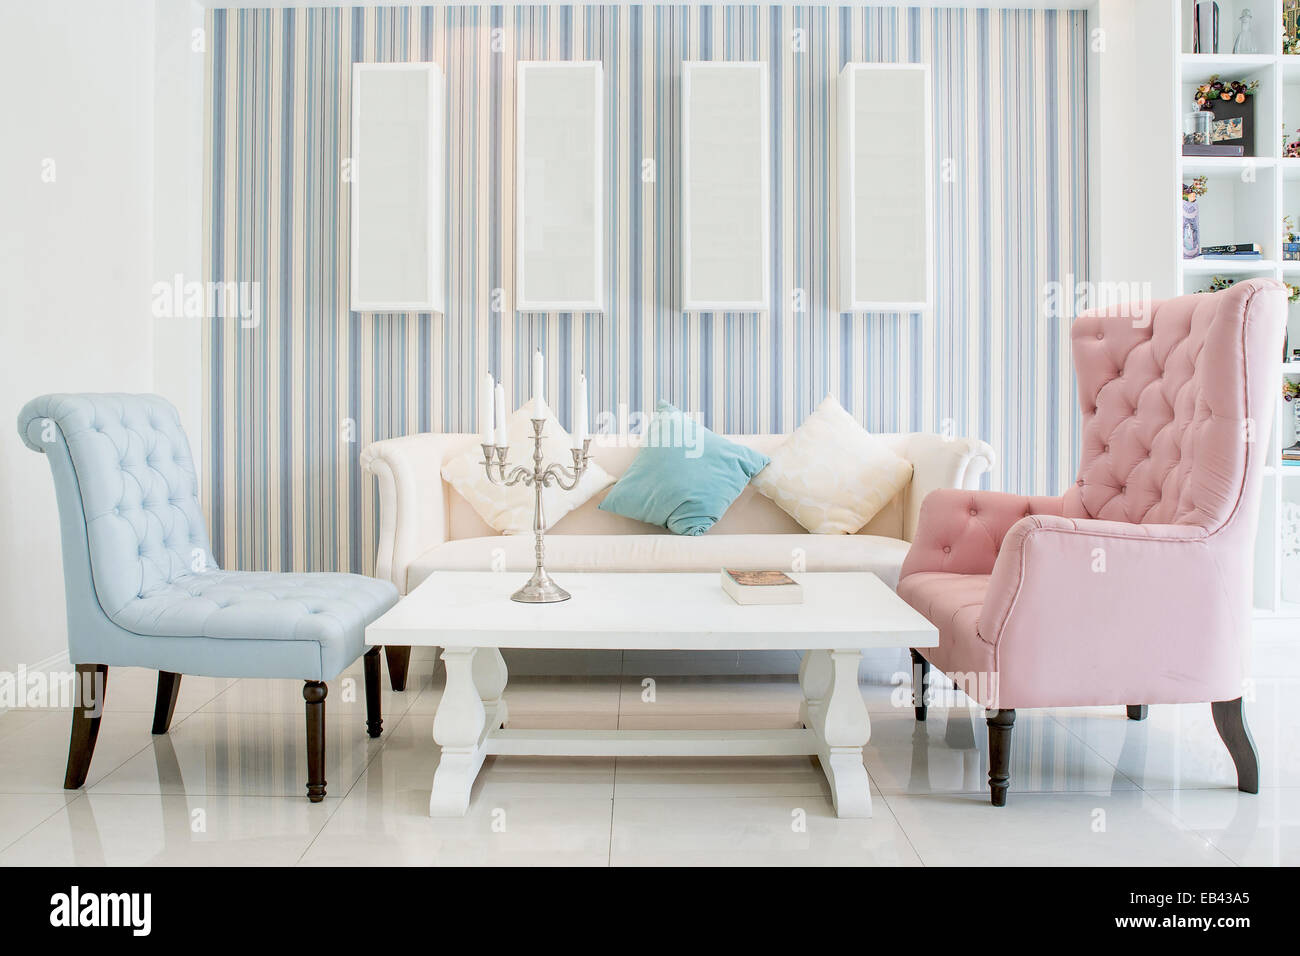 Classic Vintage Stil Möbel-Set in einem Wohnzimmer Stockfoto, Bild ...